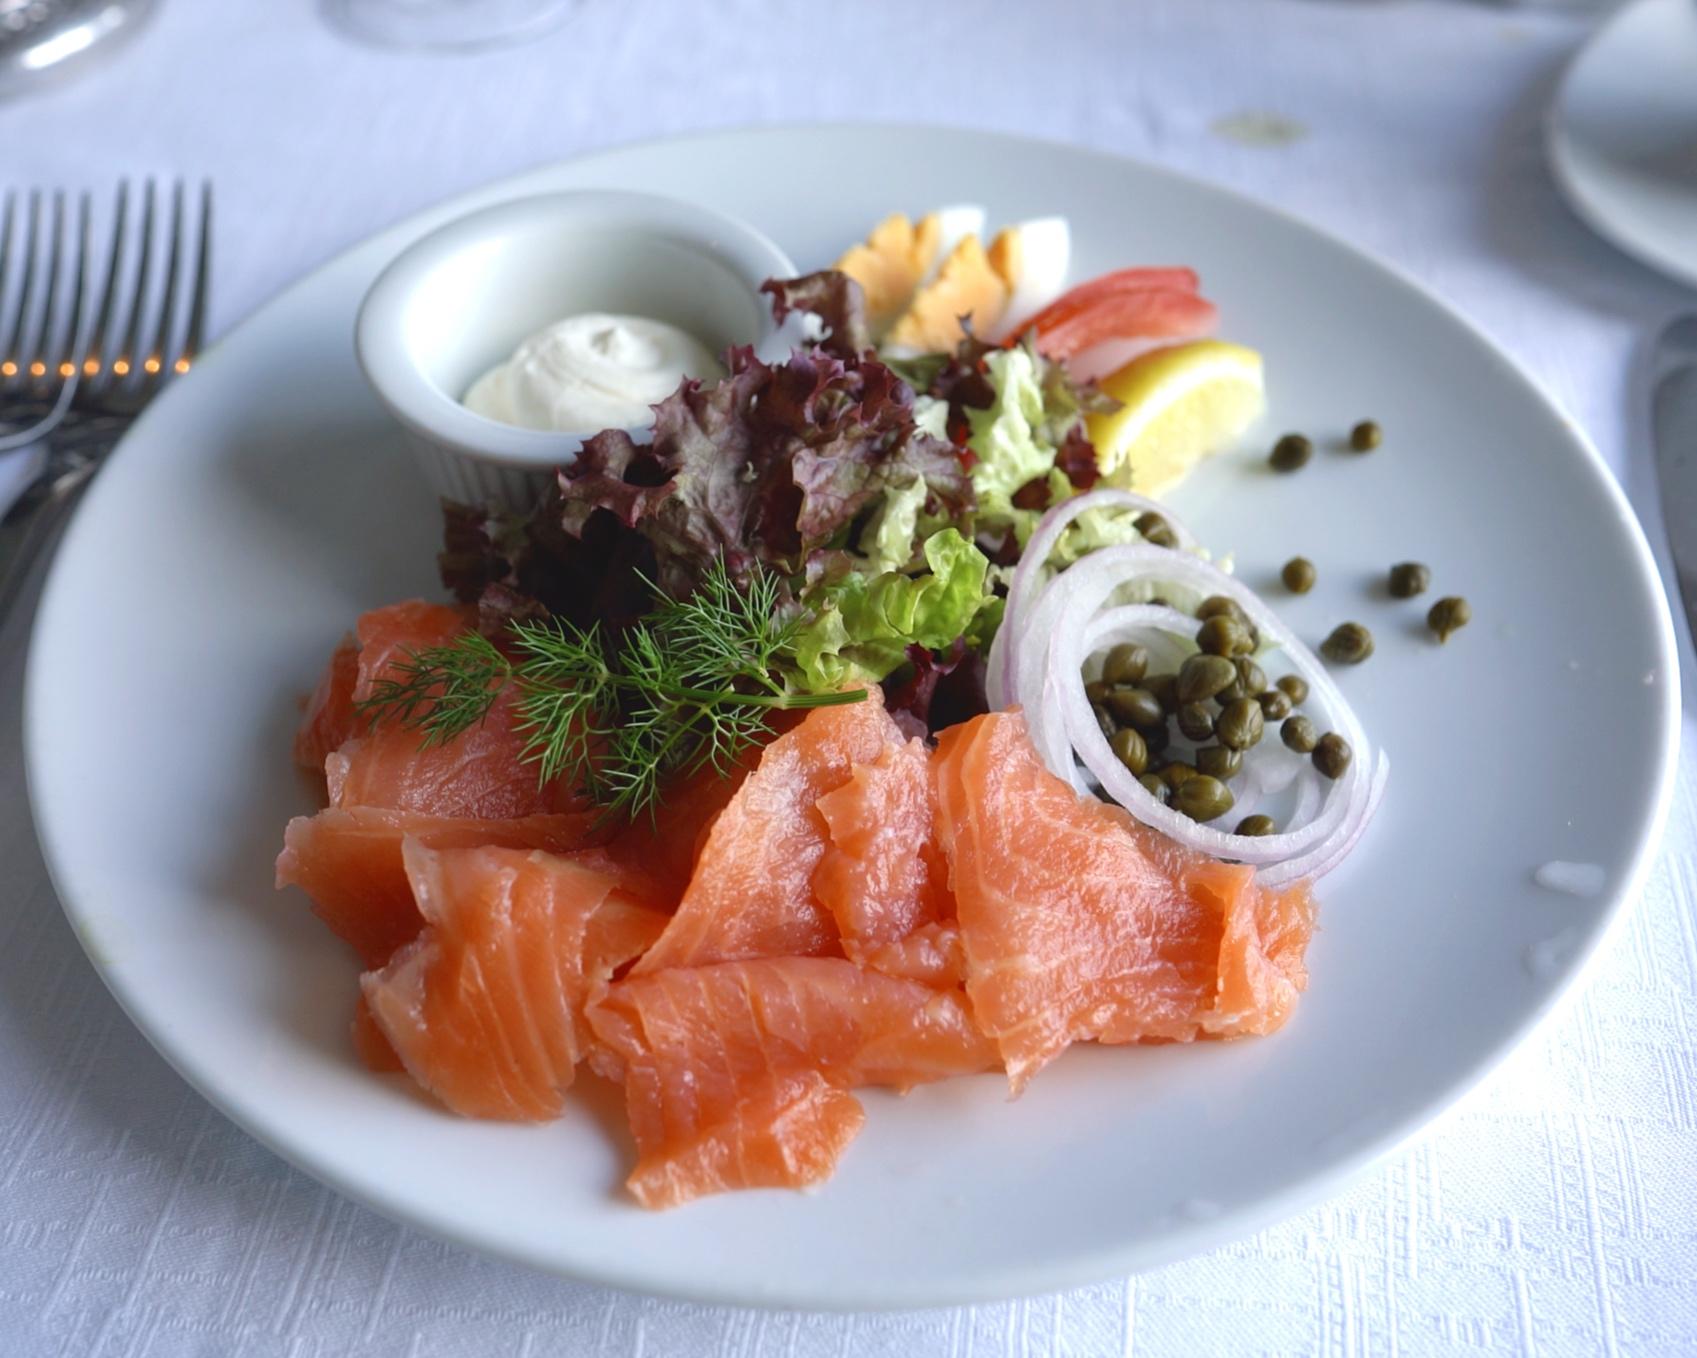 Salmon 'starter'